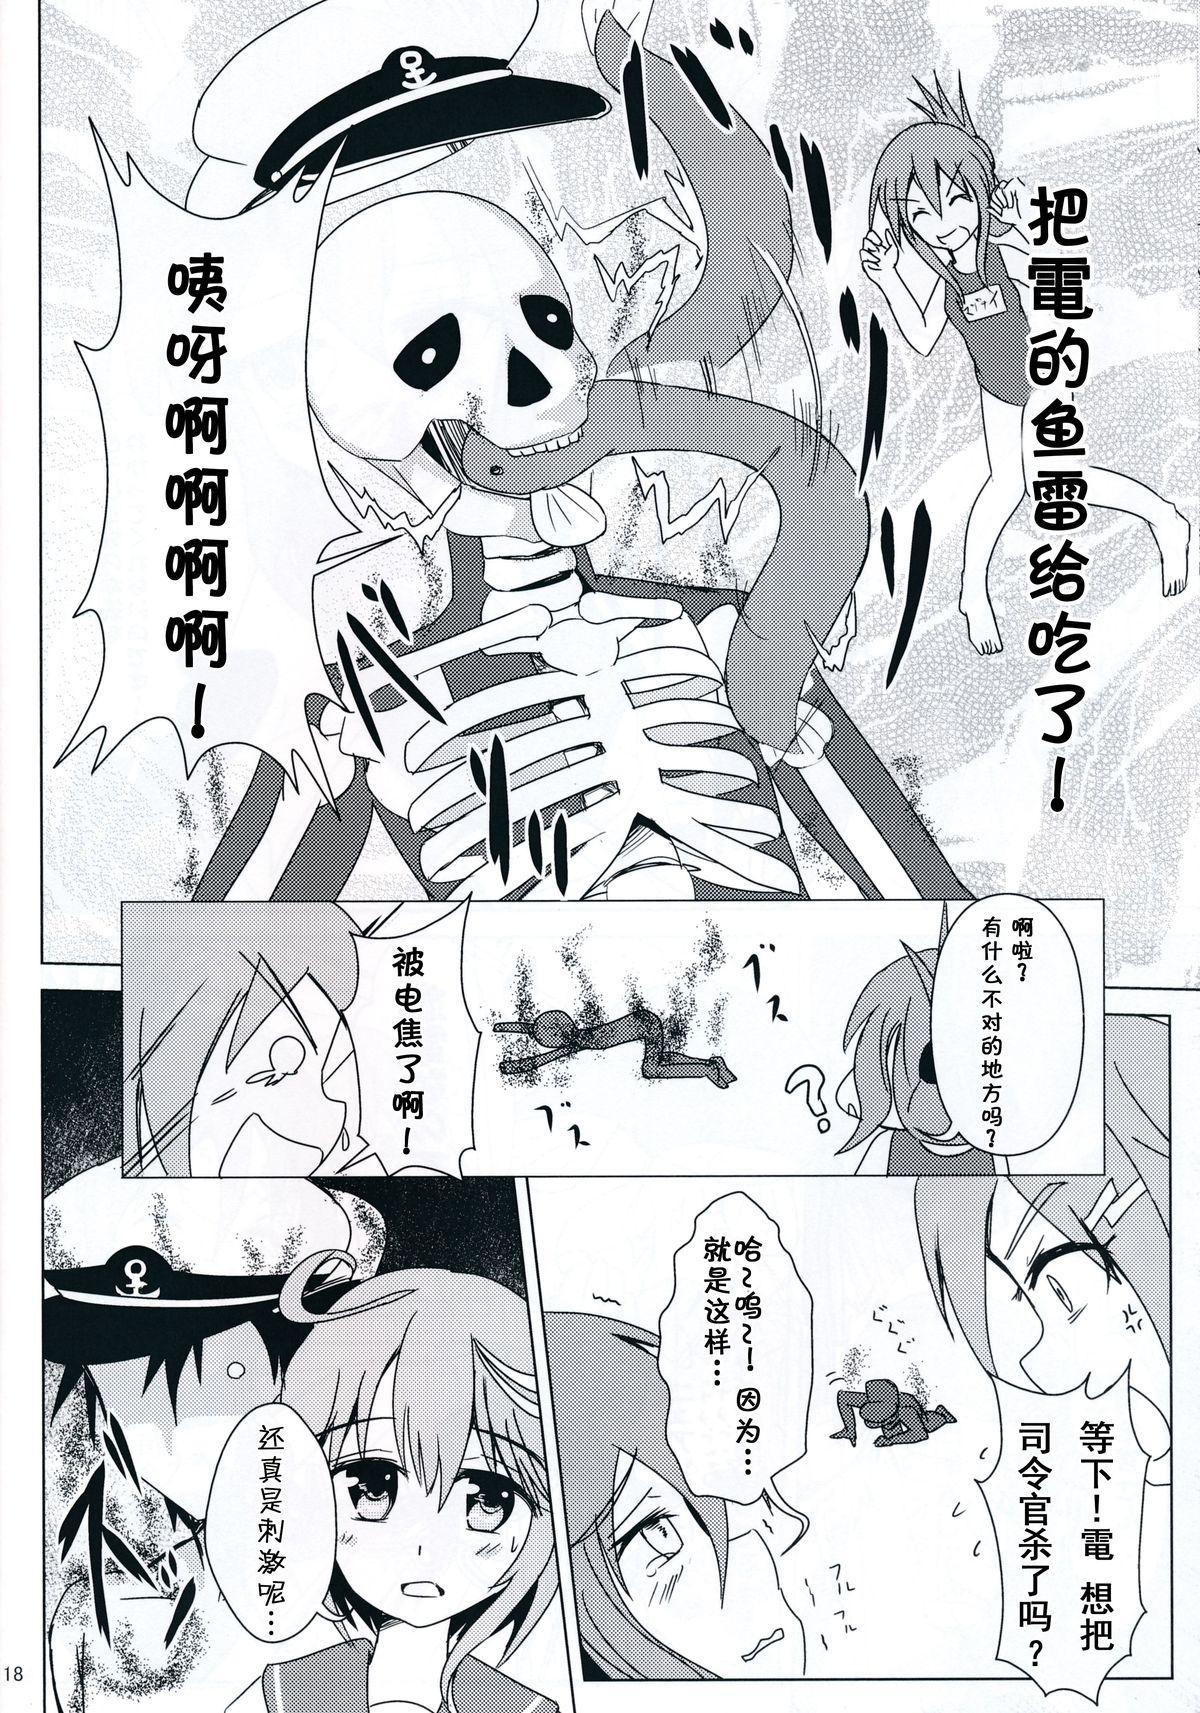 (C85) [Satoimo Bokujou (Nyonyonba Tarou) Raiden-tachi ni Oshioki Sarete Teitoku 19 (Kantai Collection -KanColle-) [Chinese] [无毒汉化组] 16